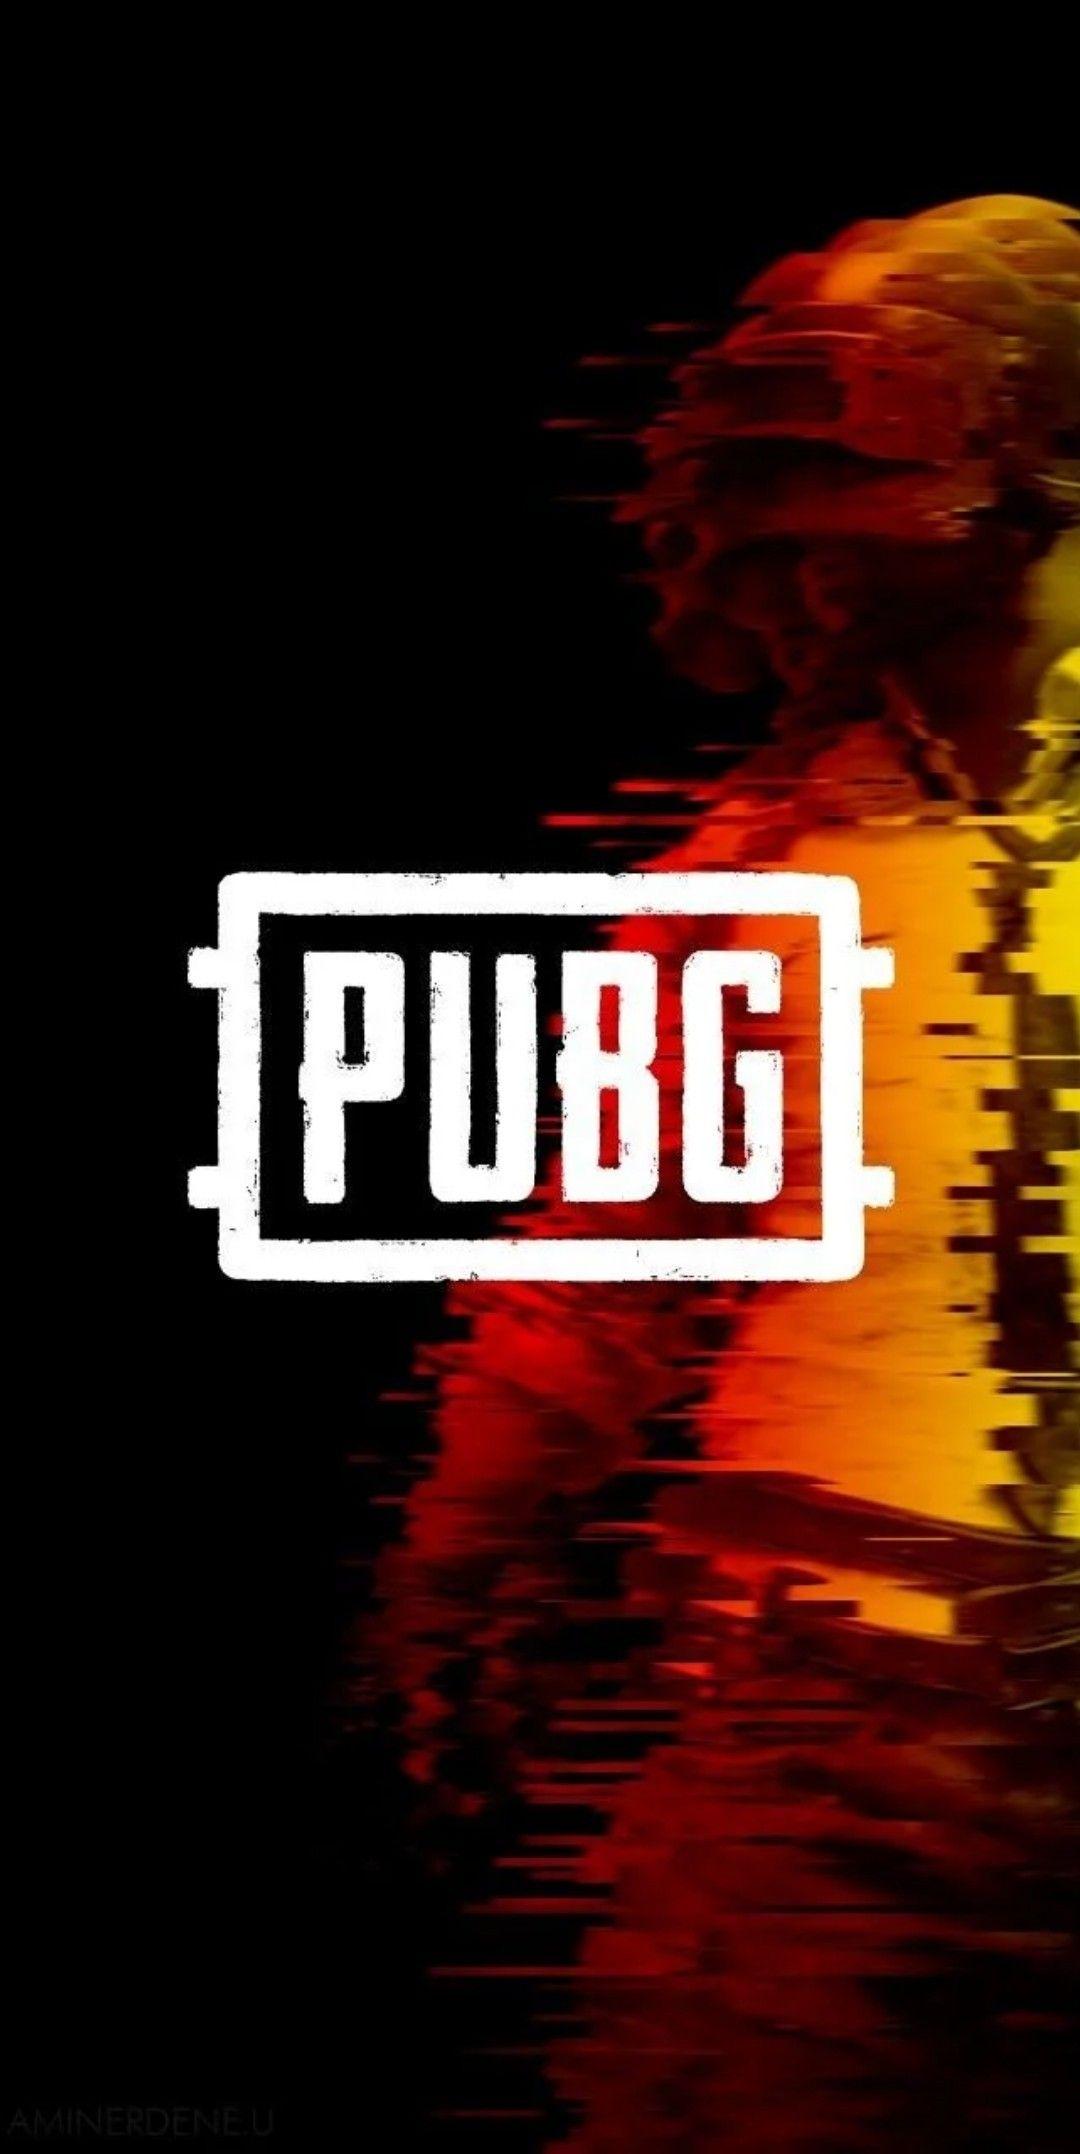 PUBG logo Wallpapers Gambar, Kartu, dan Wallpaper ponsel